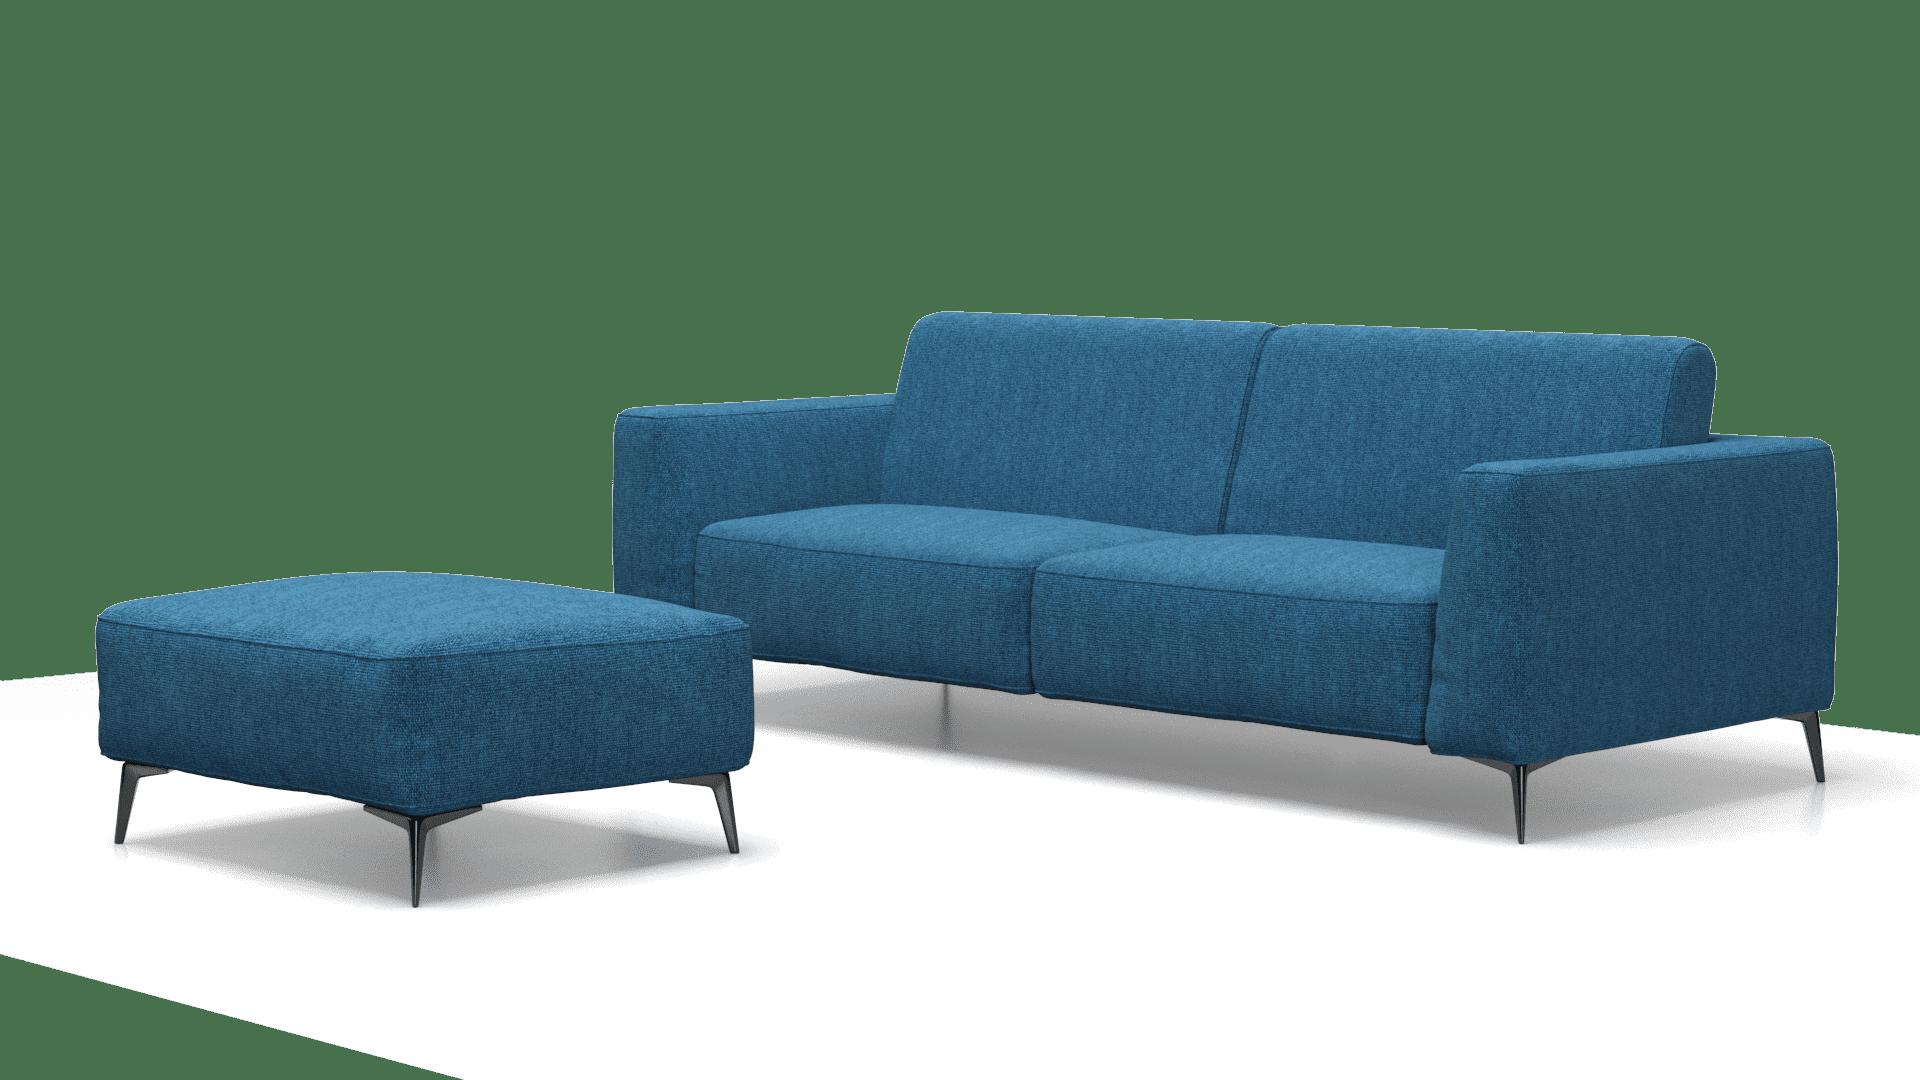 brenna salotti milano divano cerchio blu 04